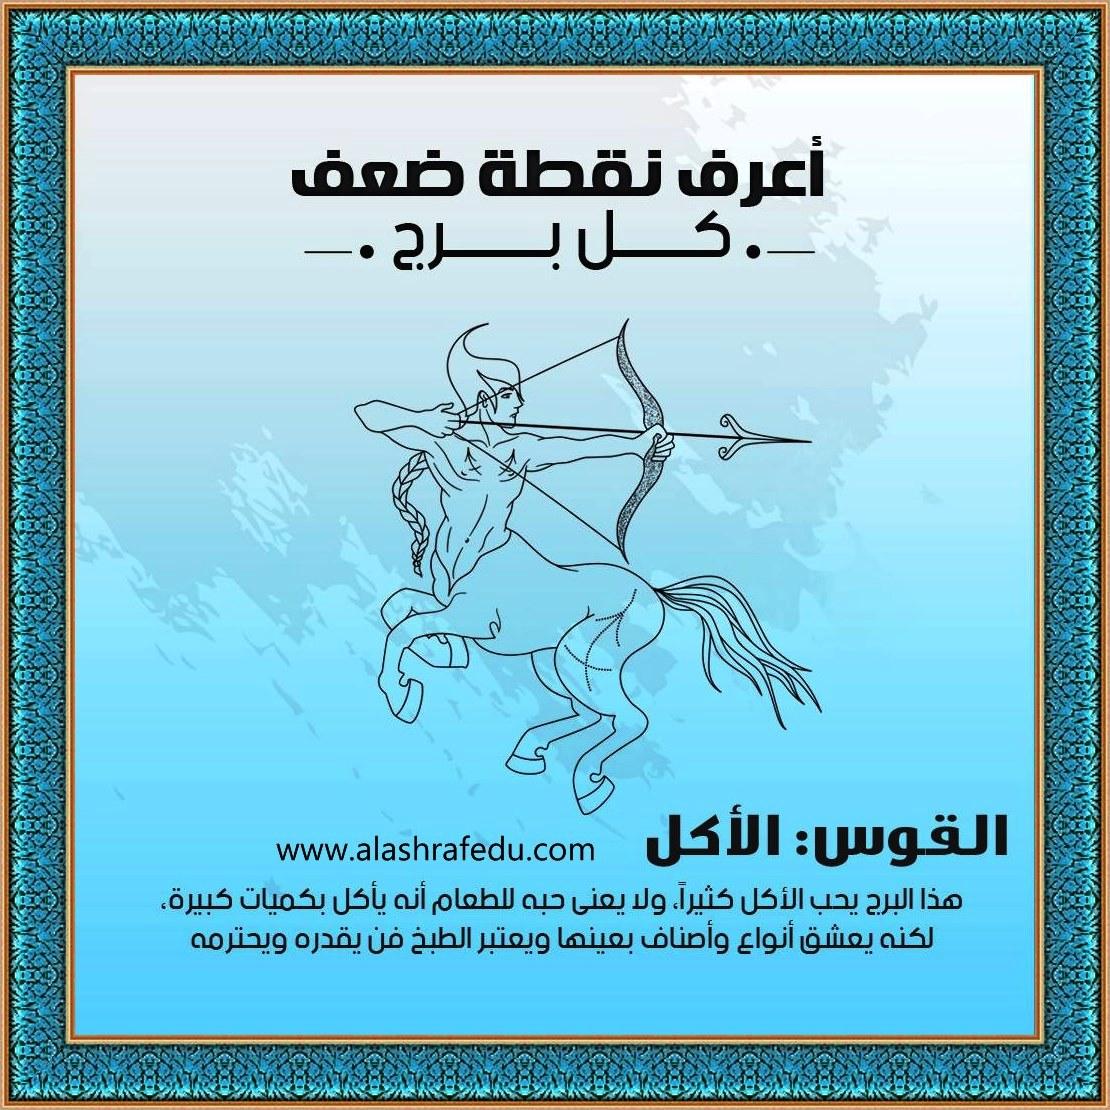 أعرف نقطة 2020 القوس أكله www.alashrafedu.com1